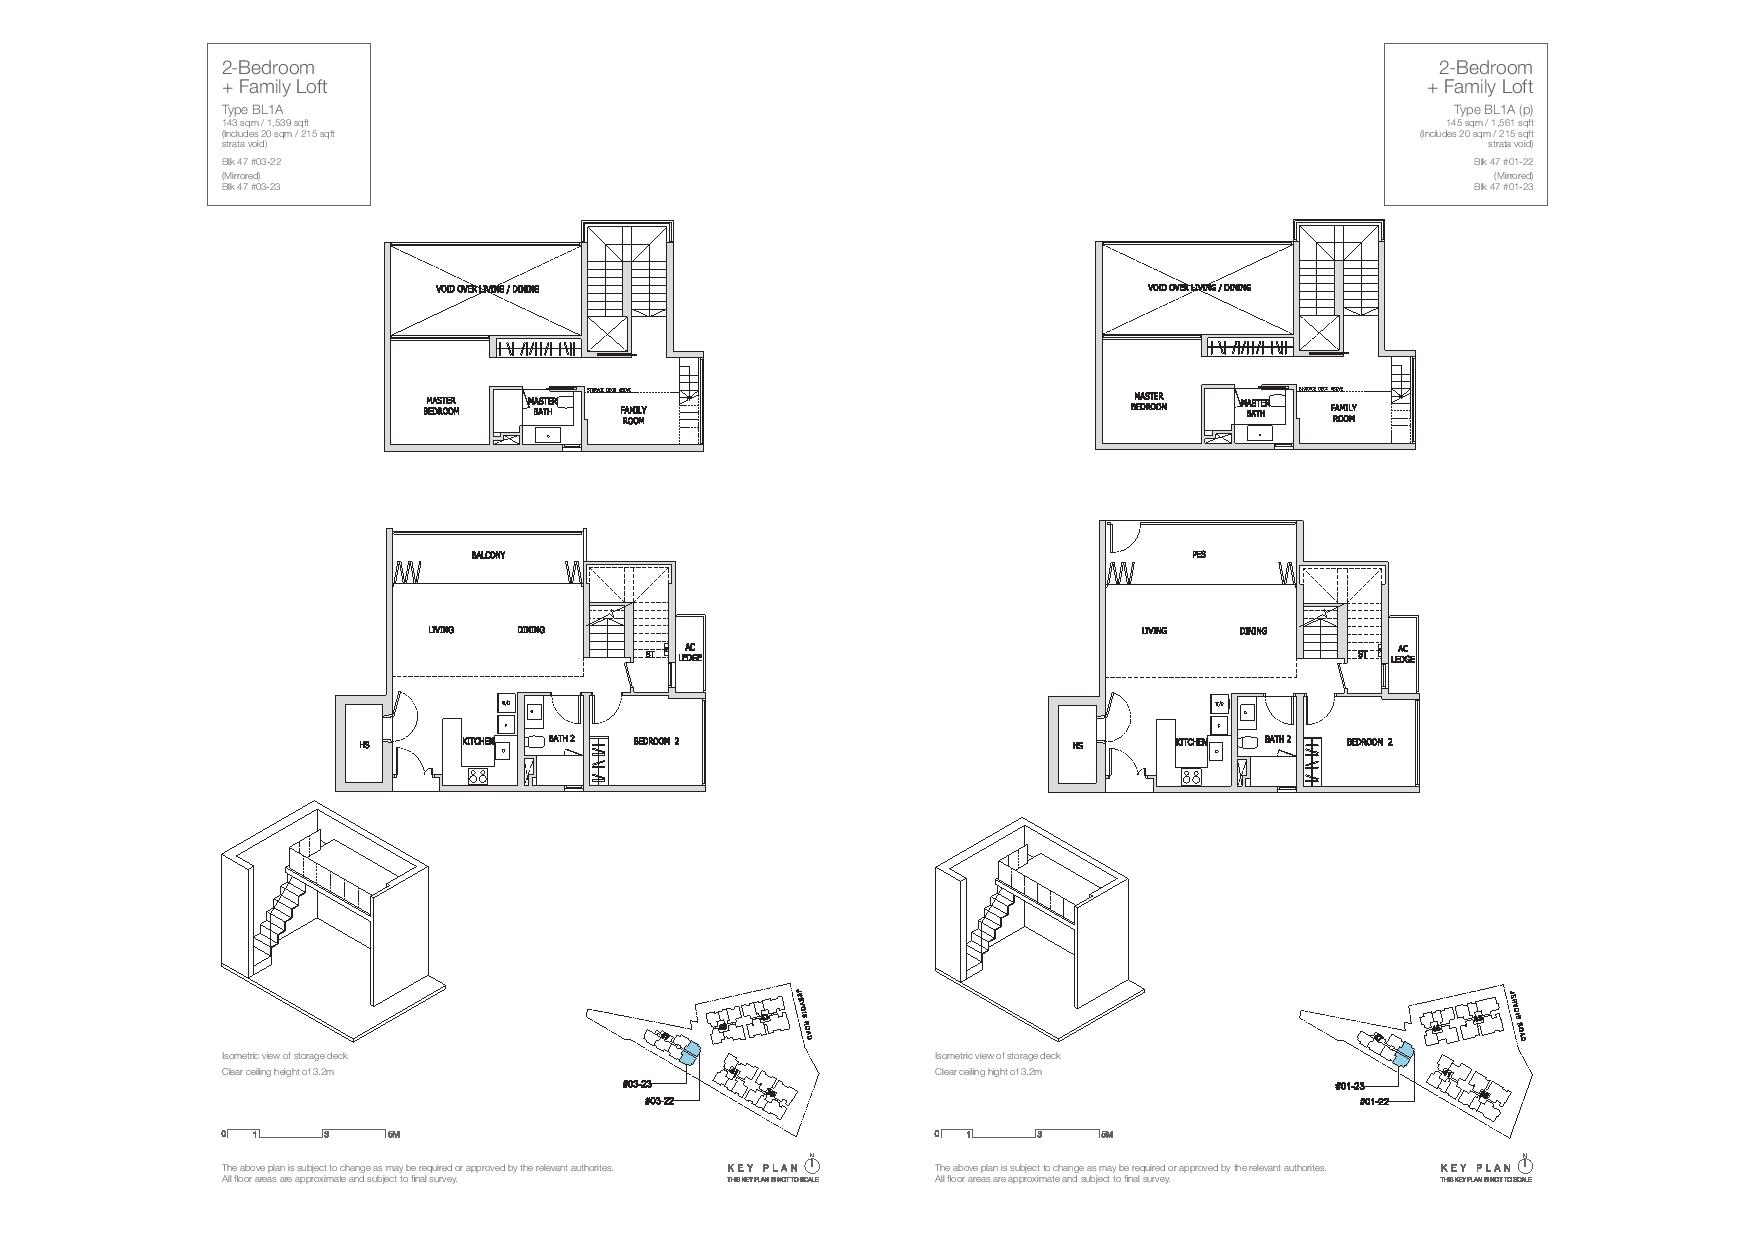 Mon Jervois 2 Bedroom + Family Loft Floor Plans Type BL1A, BL1A(p)